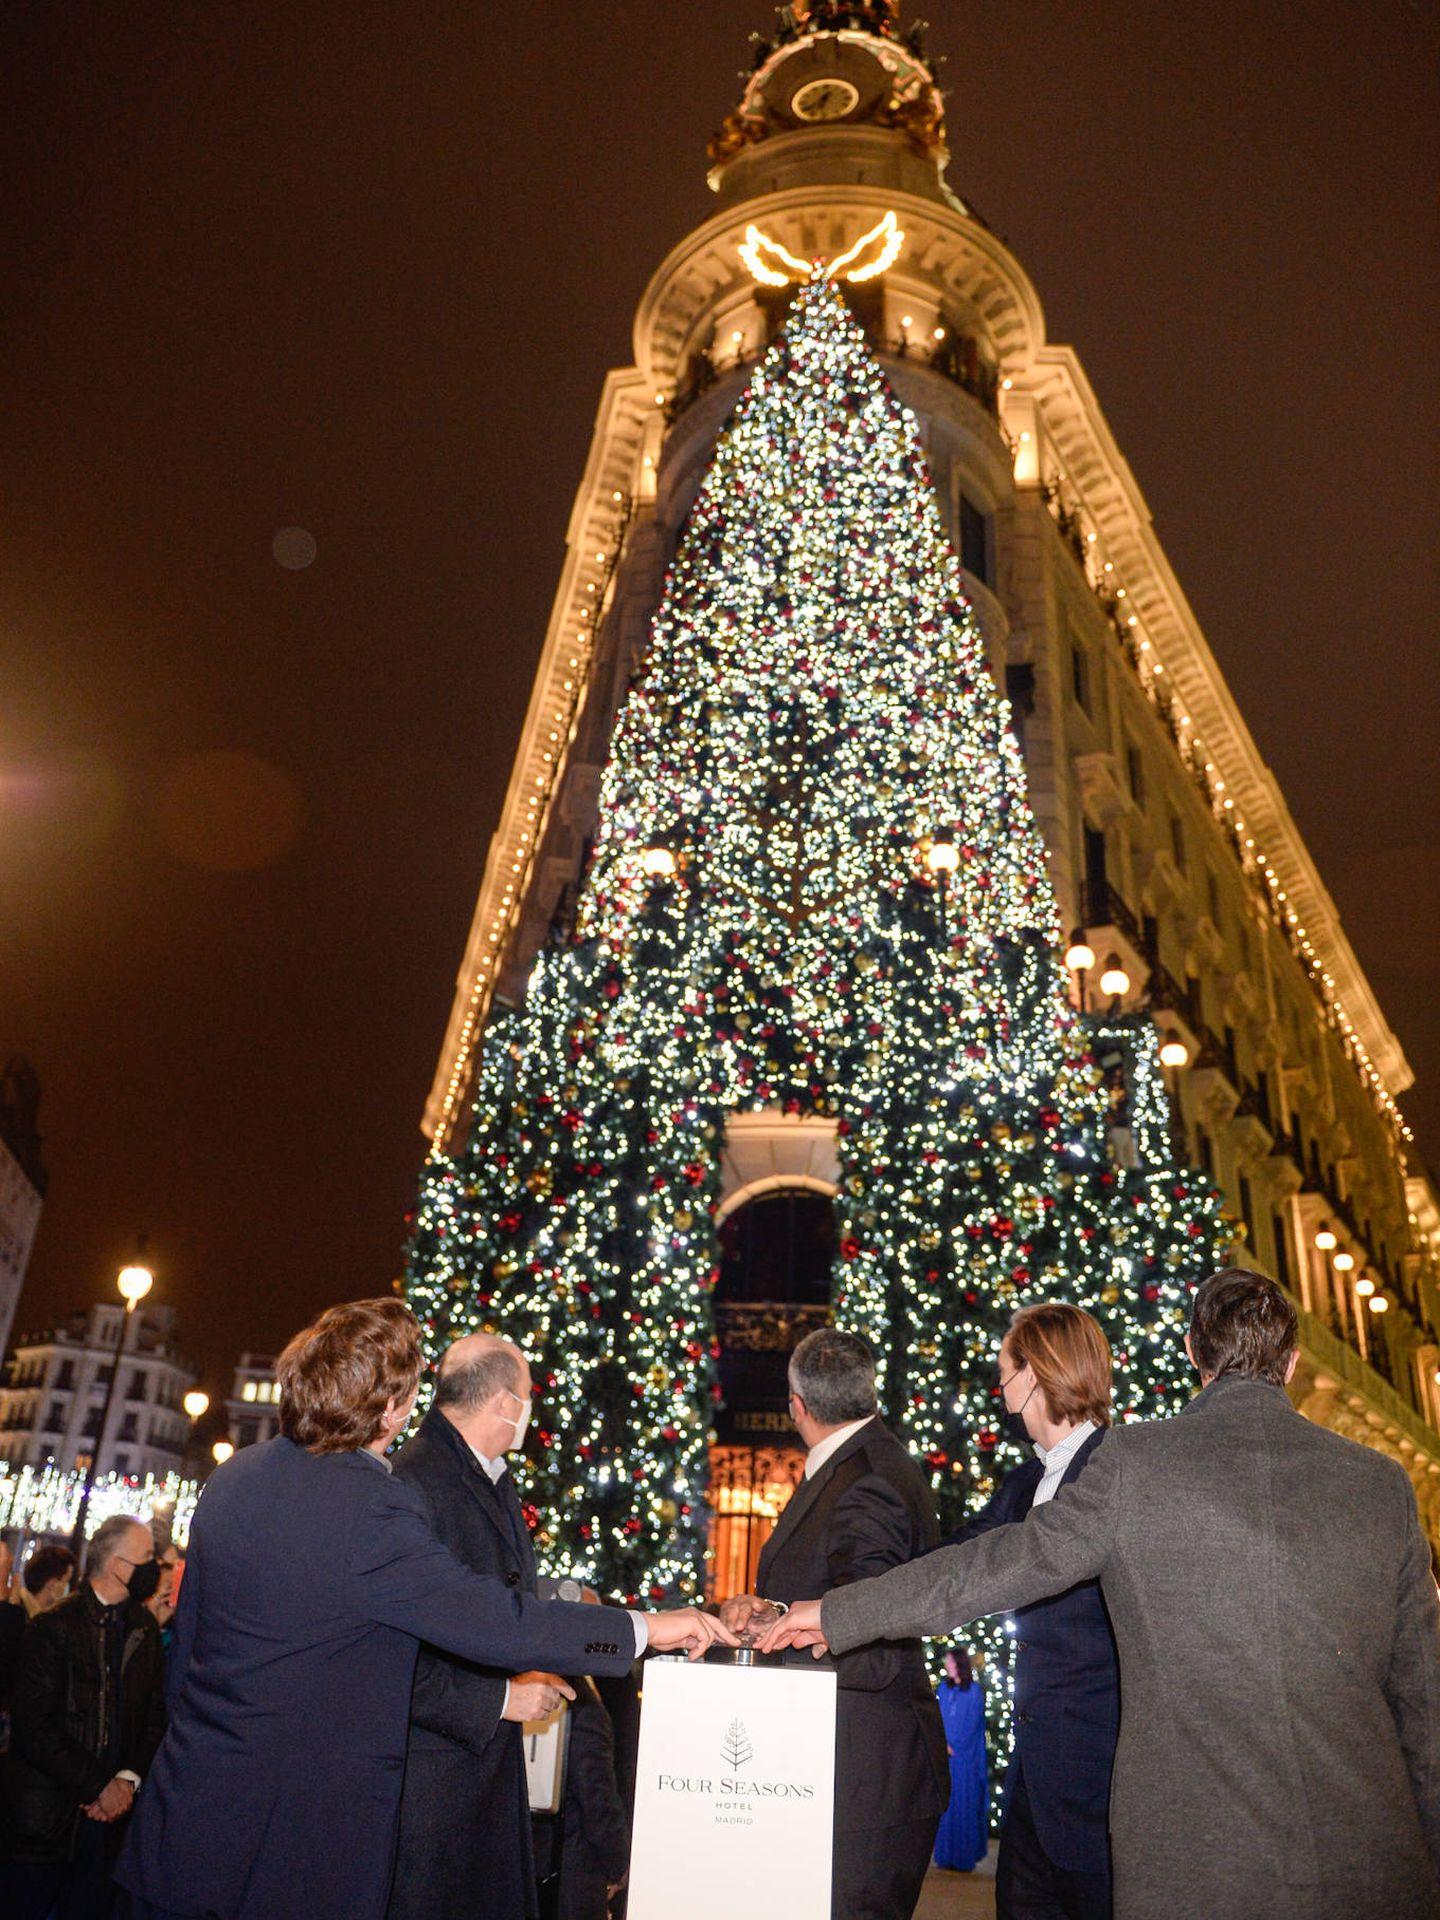 Almeida accionando el botón para encender las luces navideñas del Hotel Four Seasons en Madrid. (Foto: Diego Puerta)